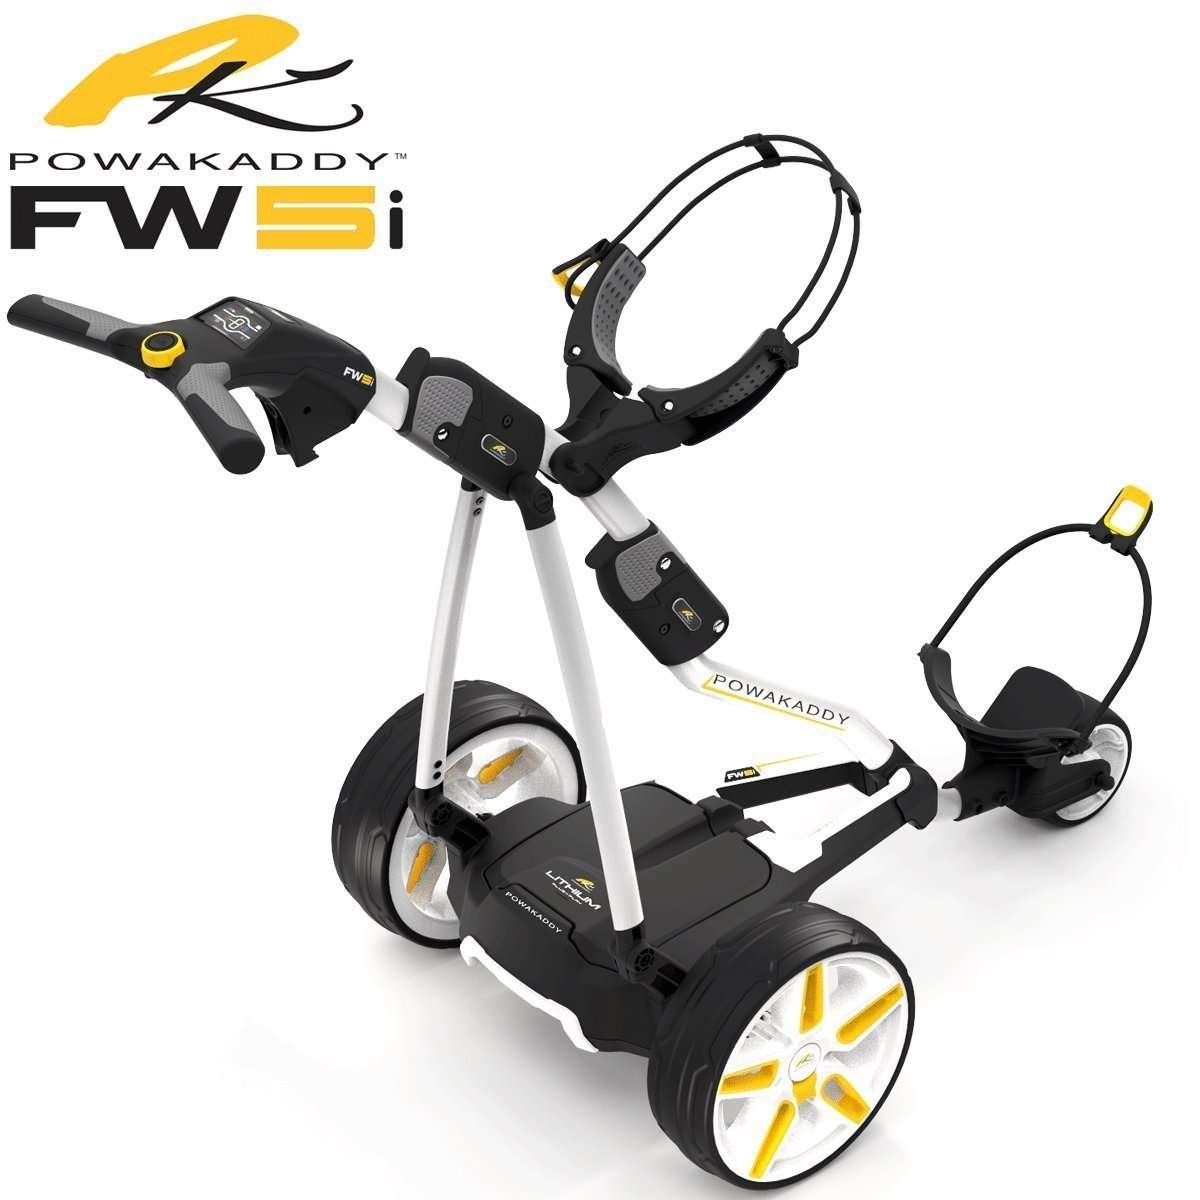 Best Electric Golf Trolleys - Powakaddy FW5i - Reviews Fire